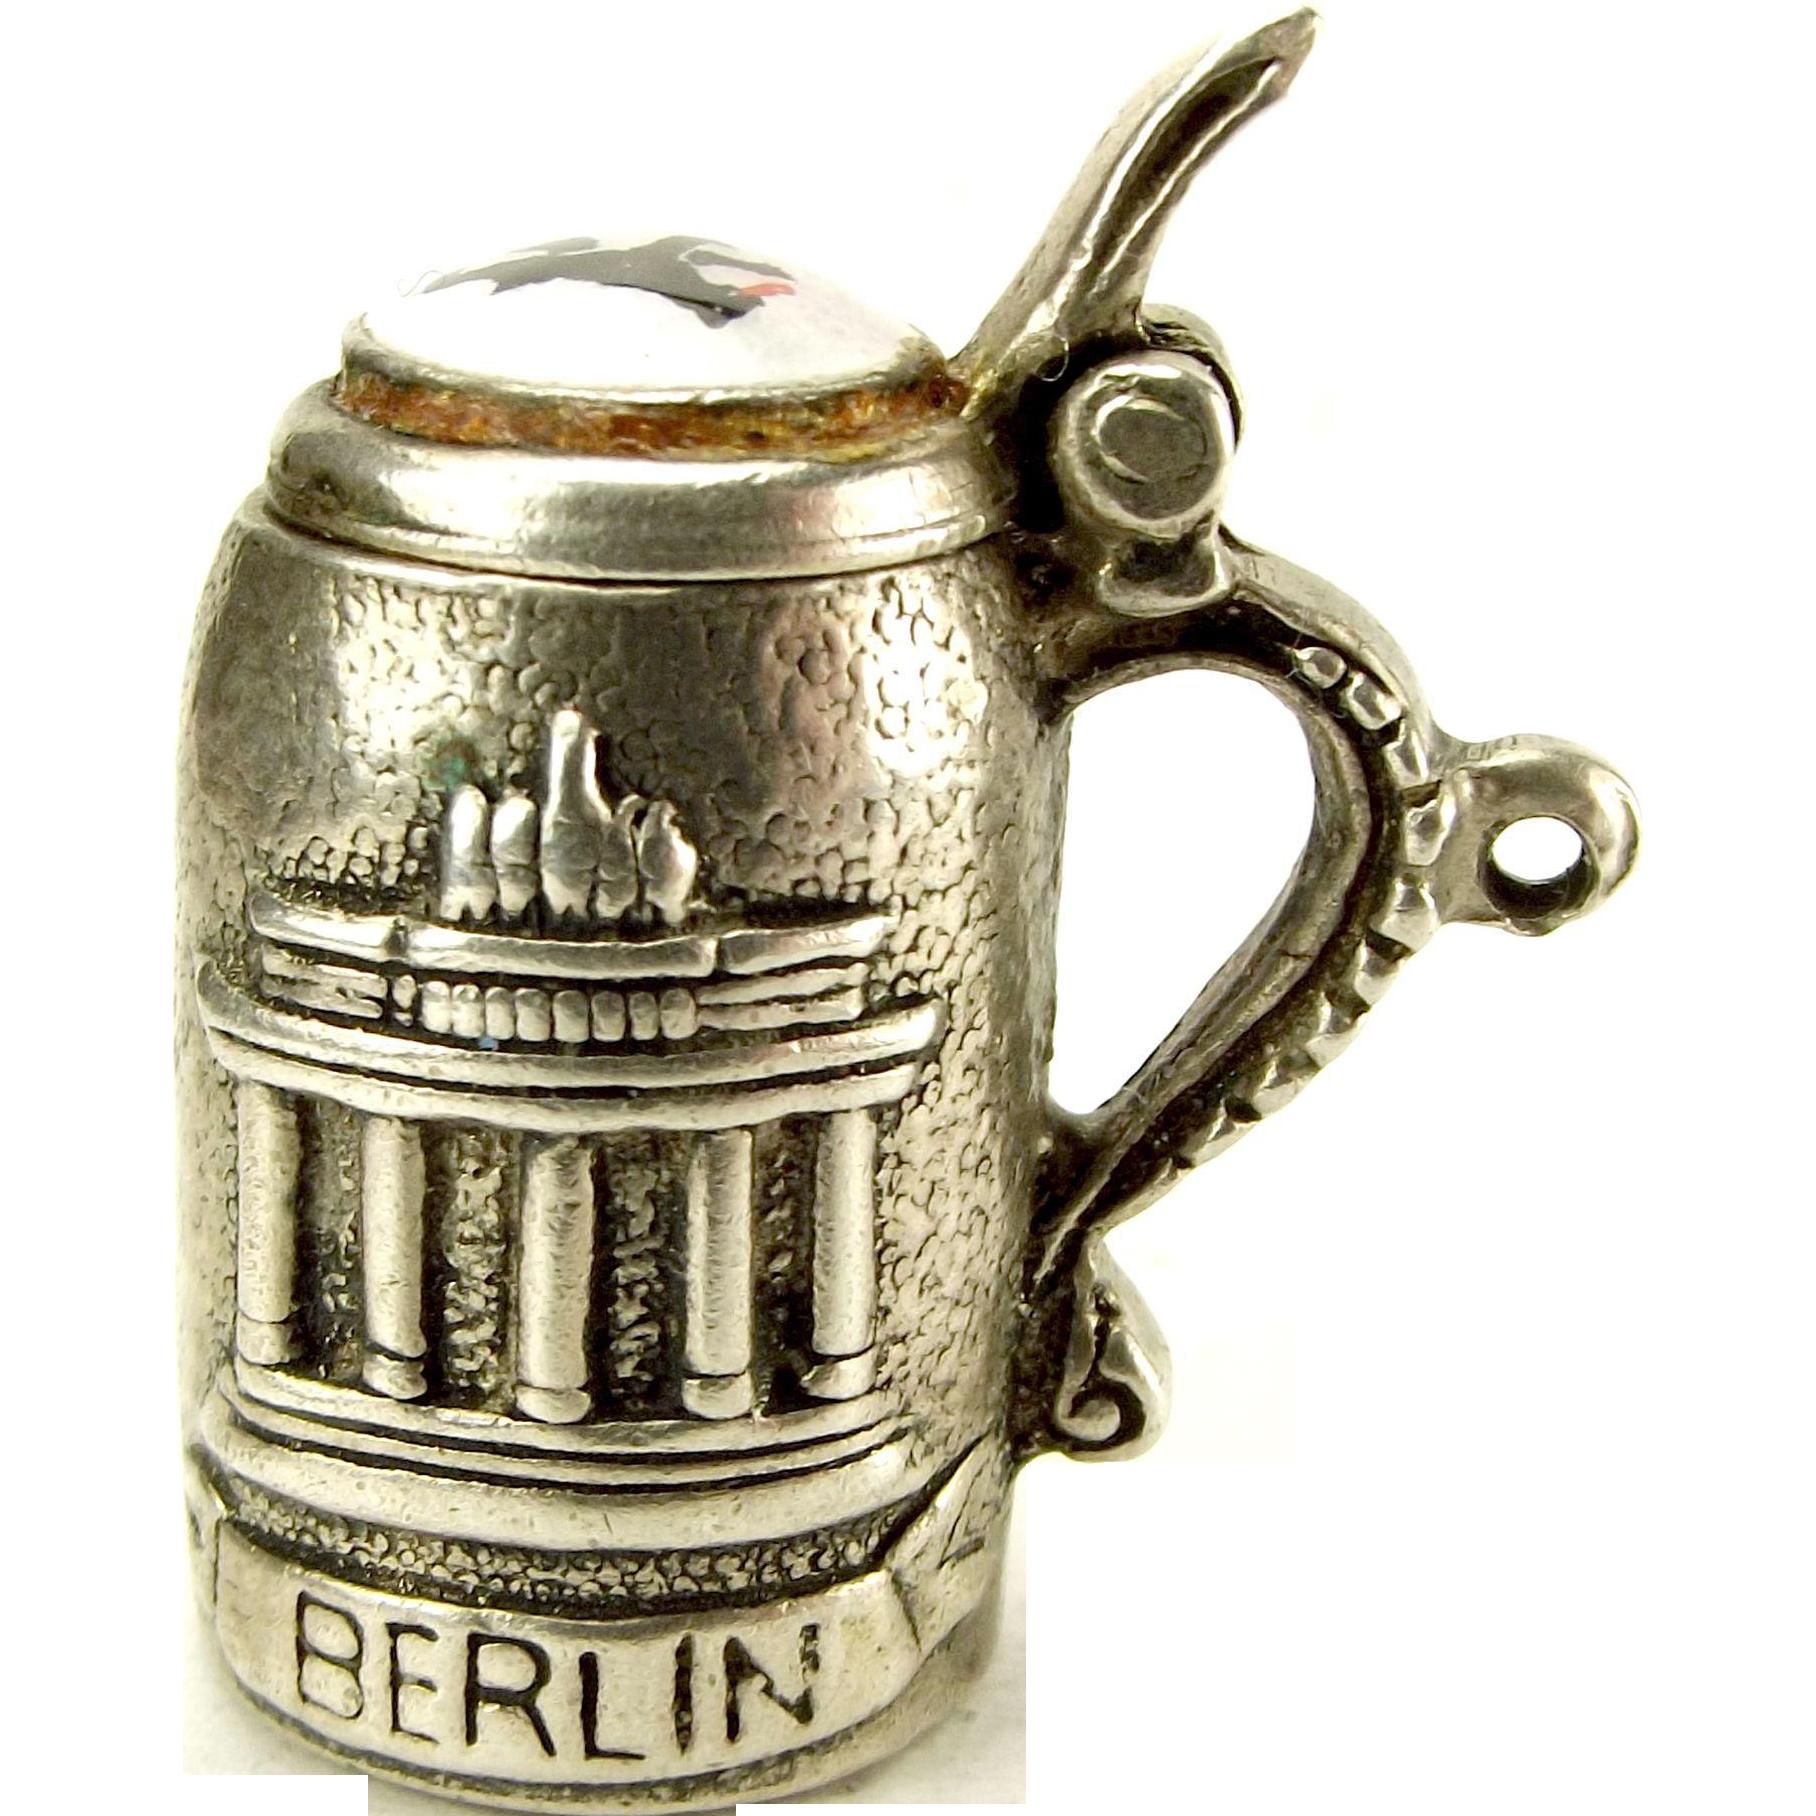 Vintage 835 Silver Enamel Lid BERLIN BEAR Beer Stein Charm Opens